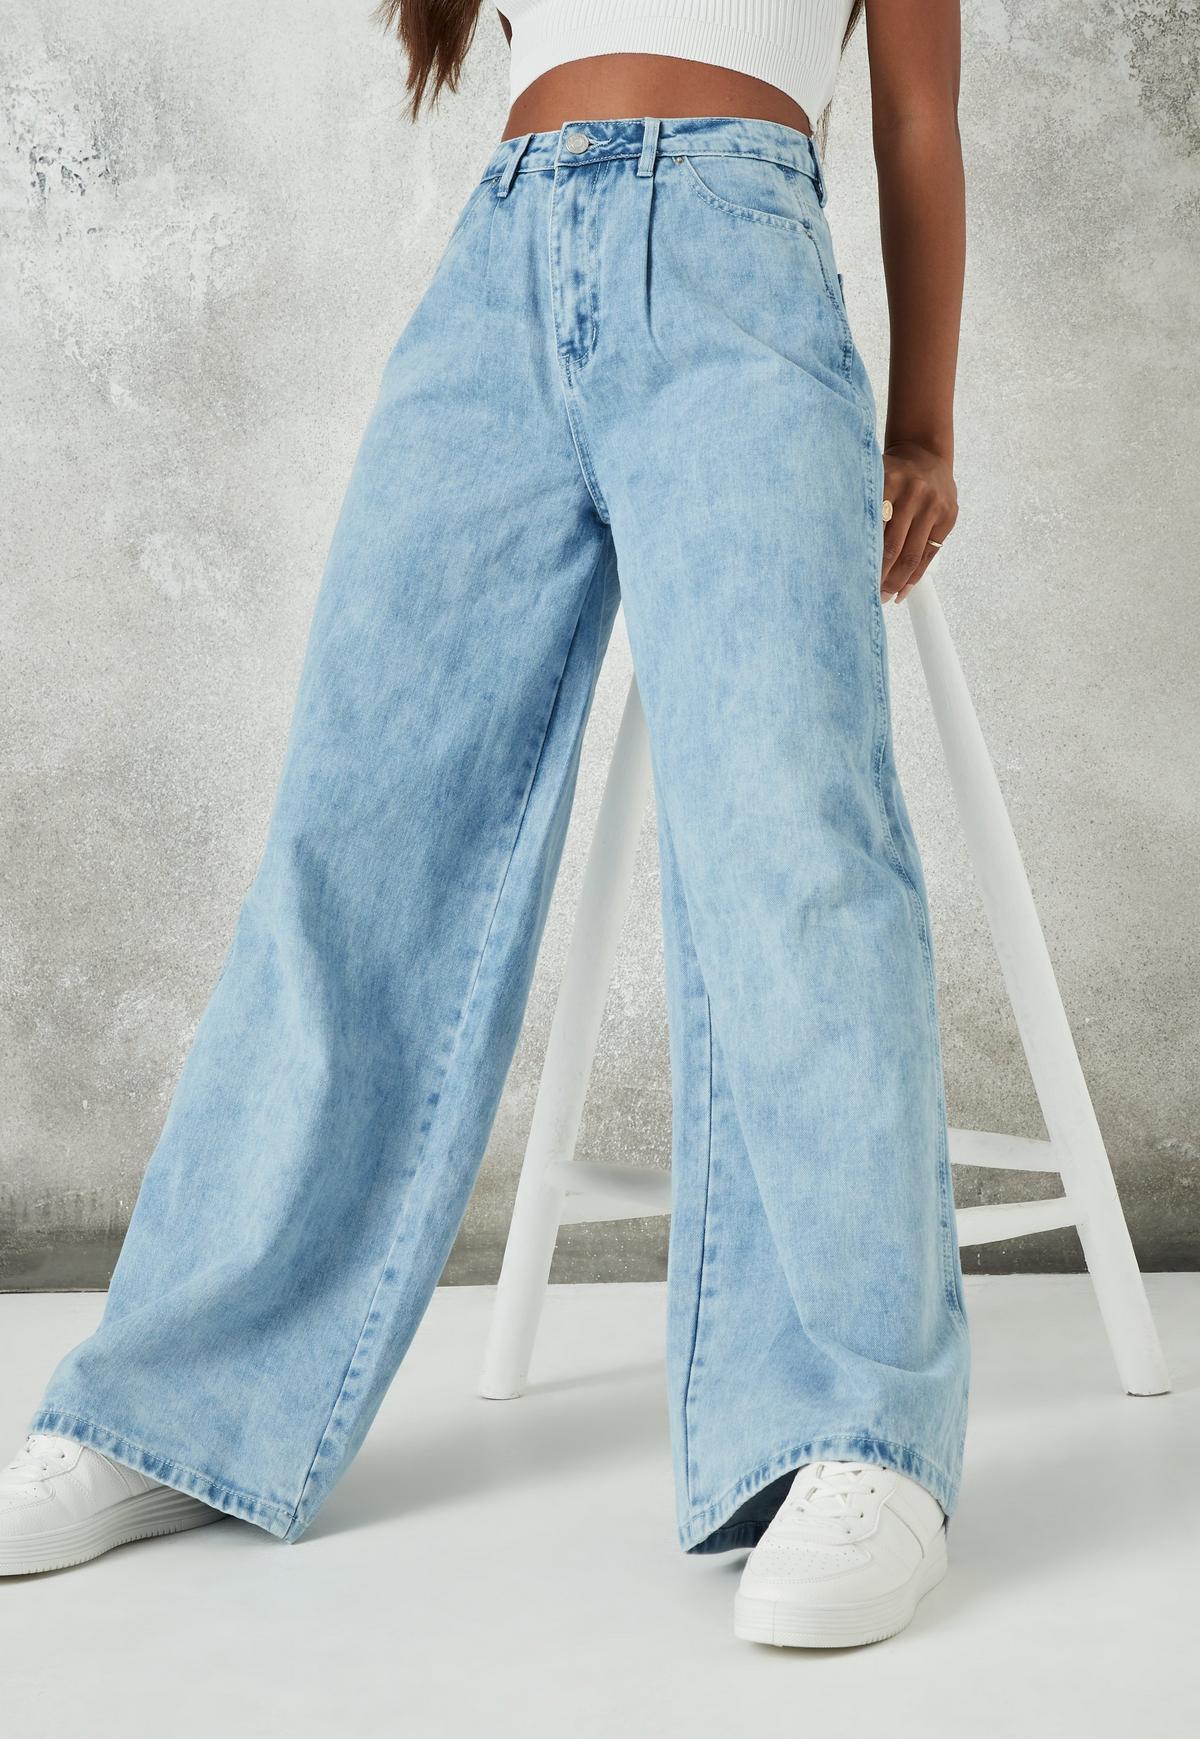 light blue baggy boyfriend jeans